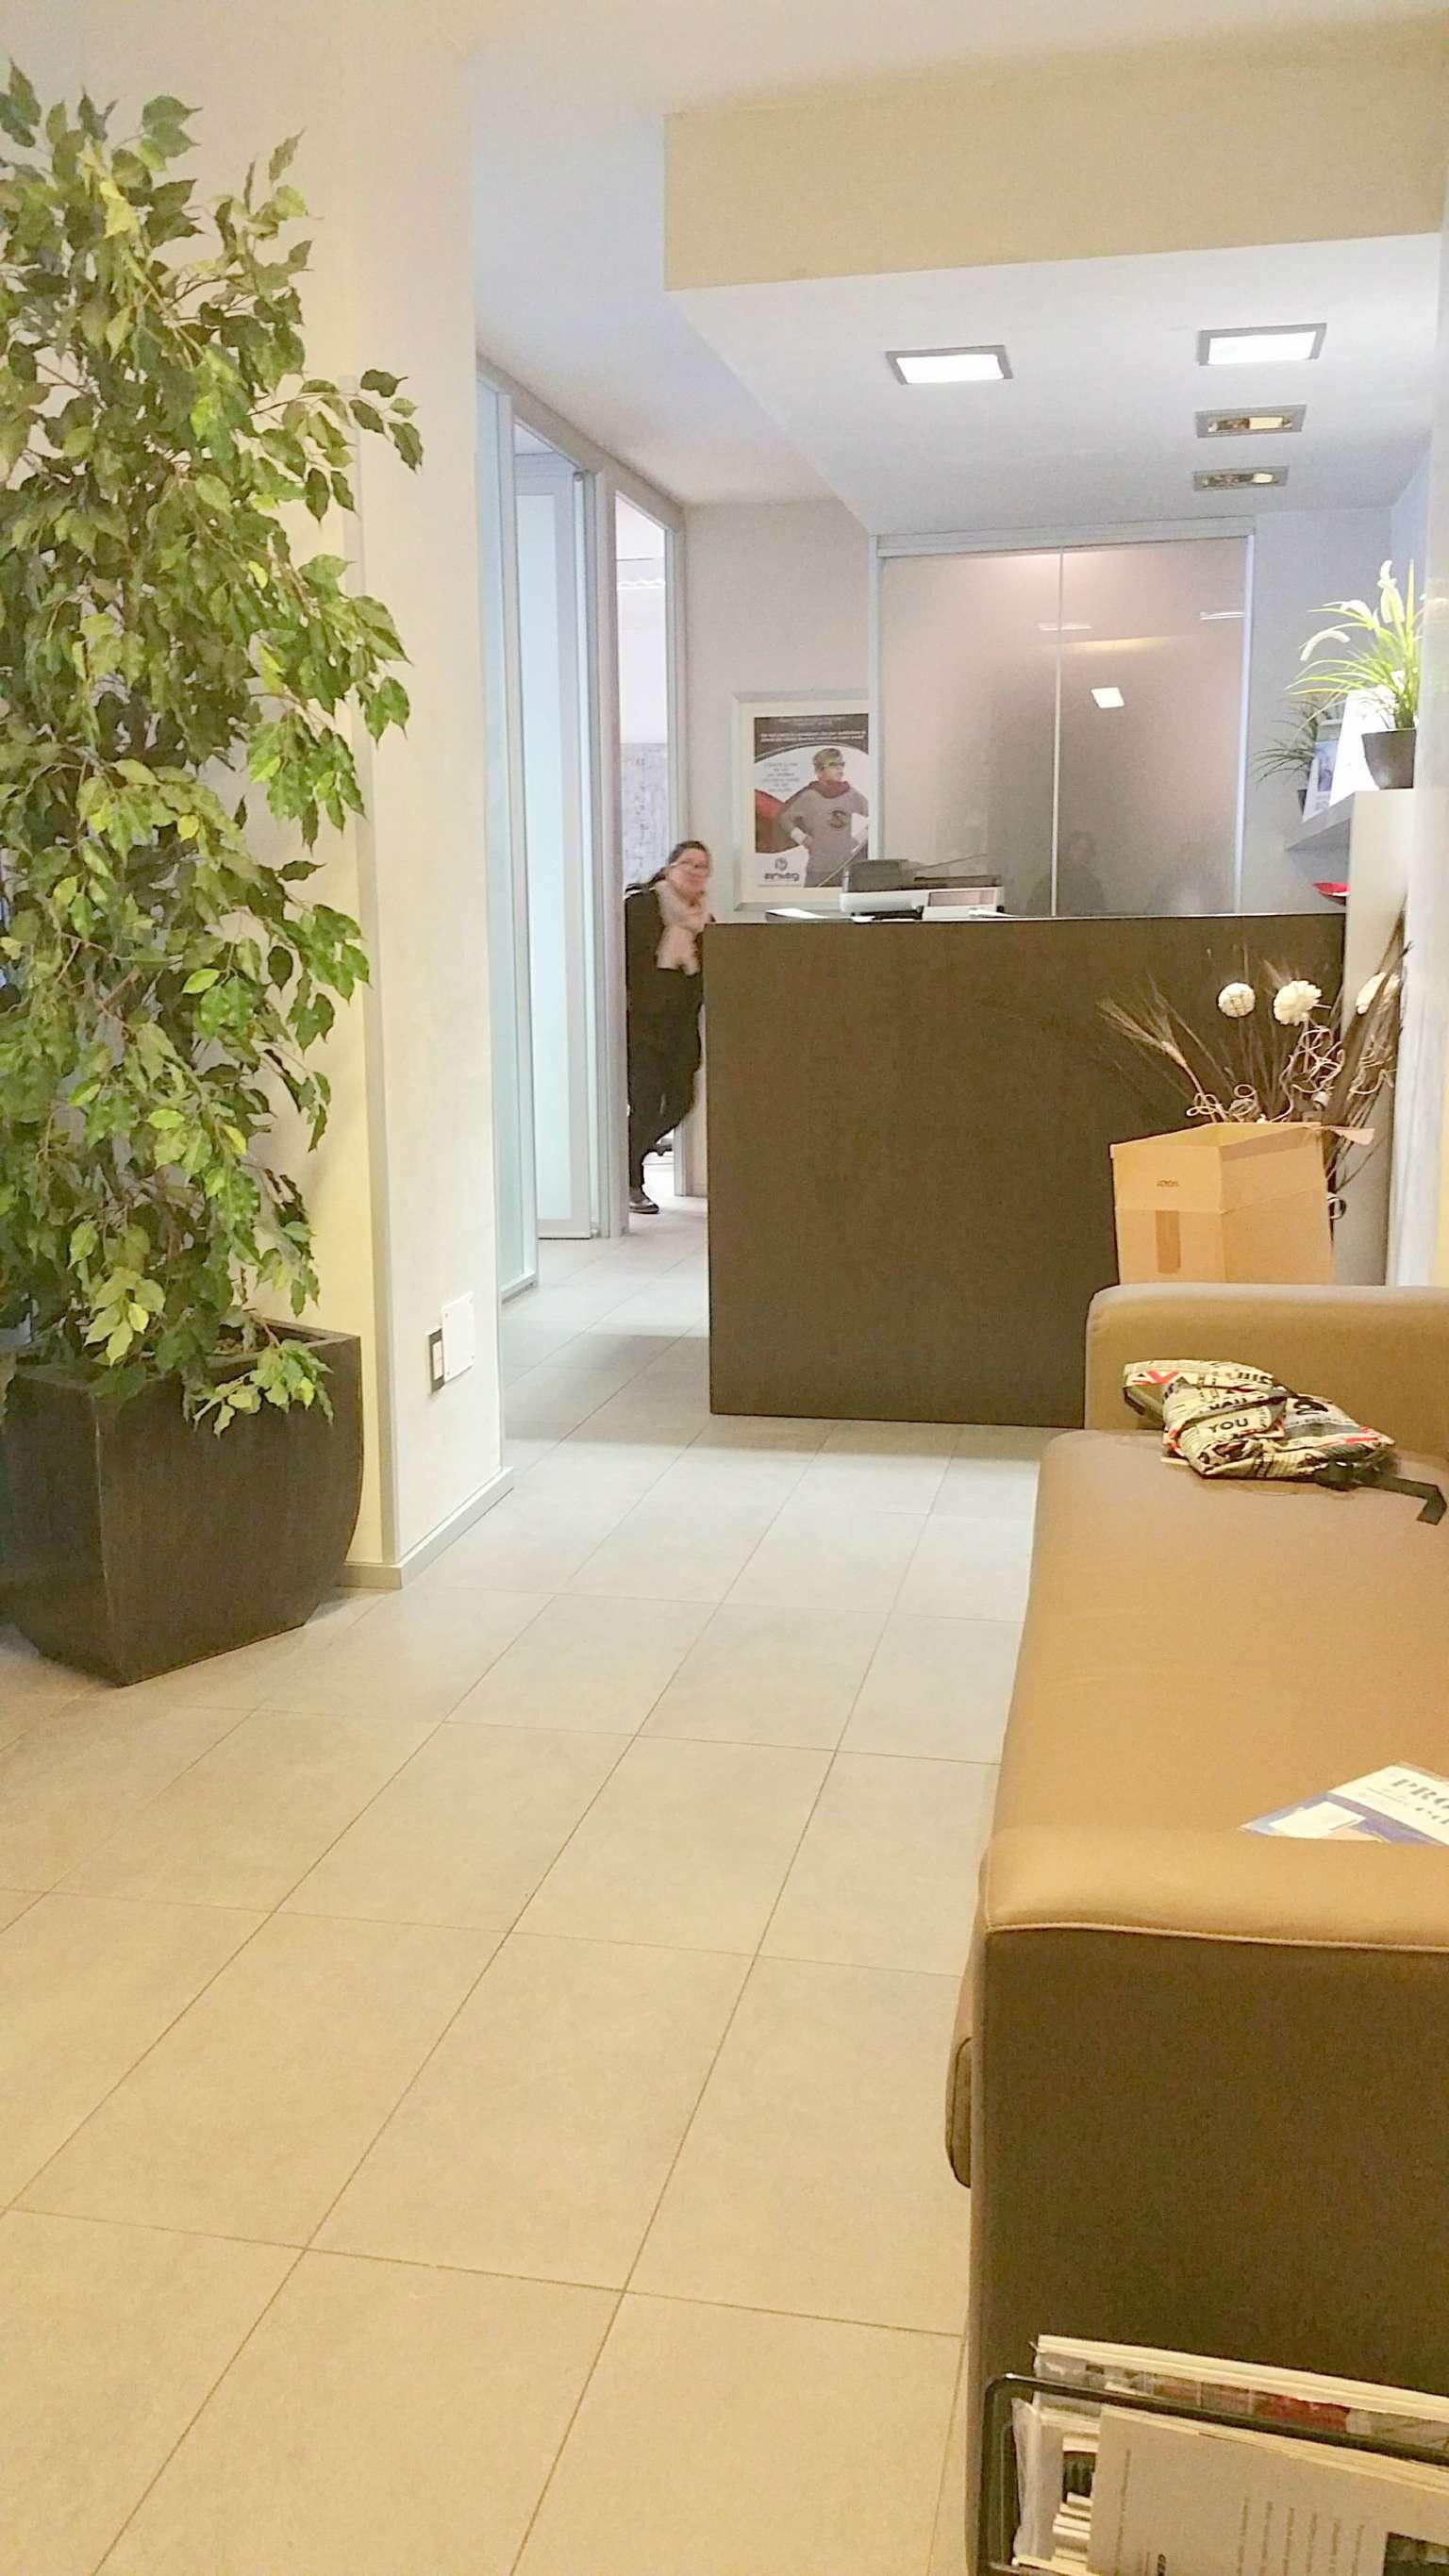 valentini ufficio di 90 mq Rif. 5012126